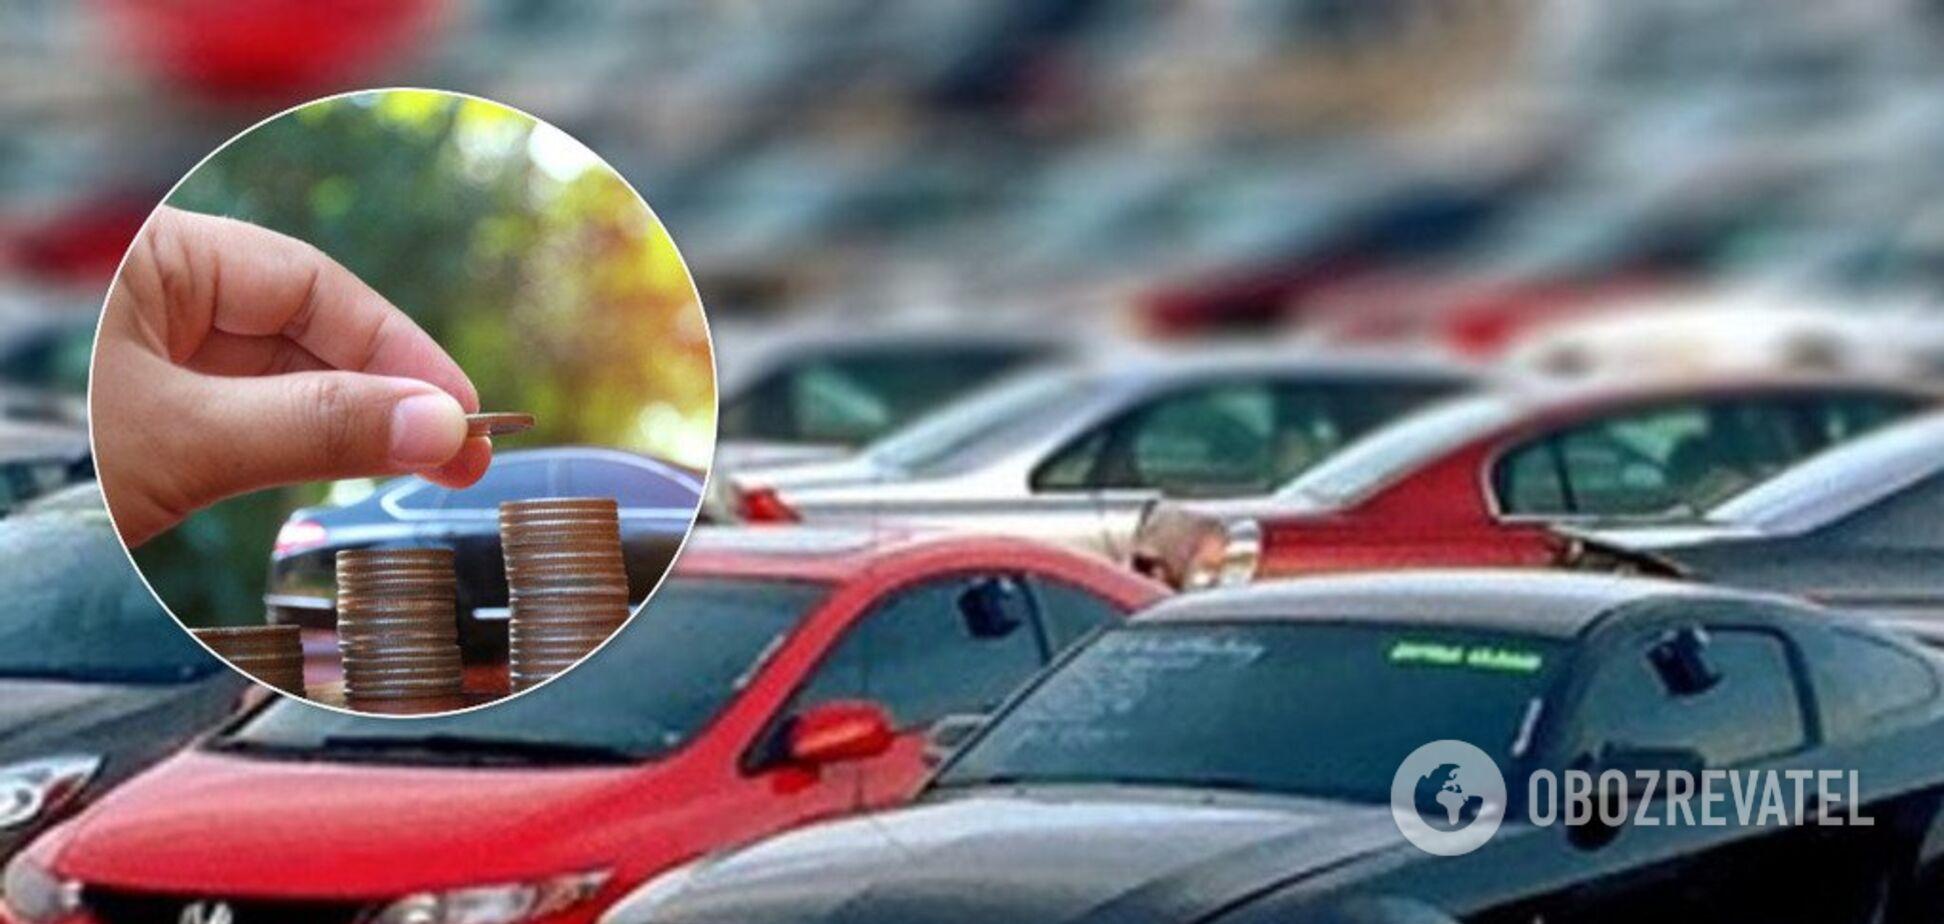 В Україні вводять новий податок на авто: за що доведеться платити